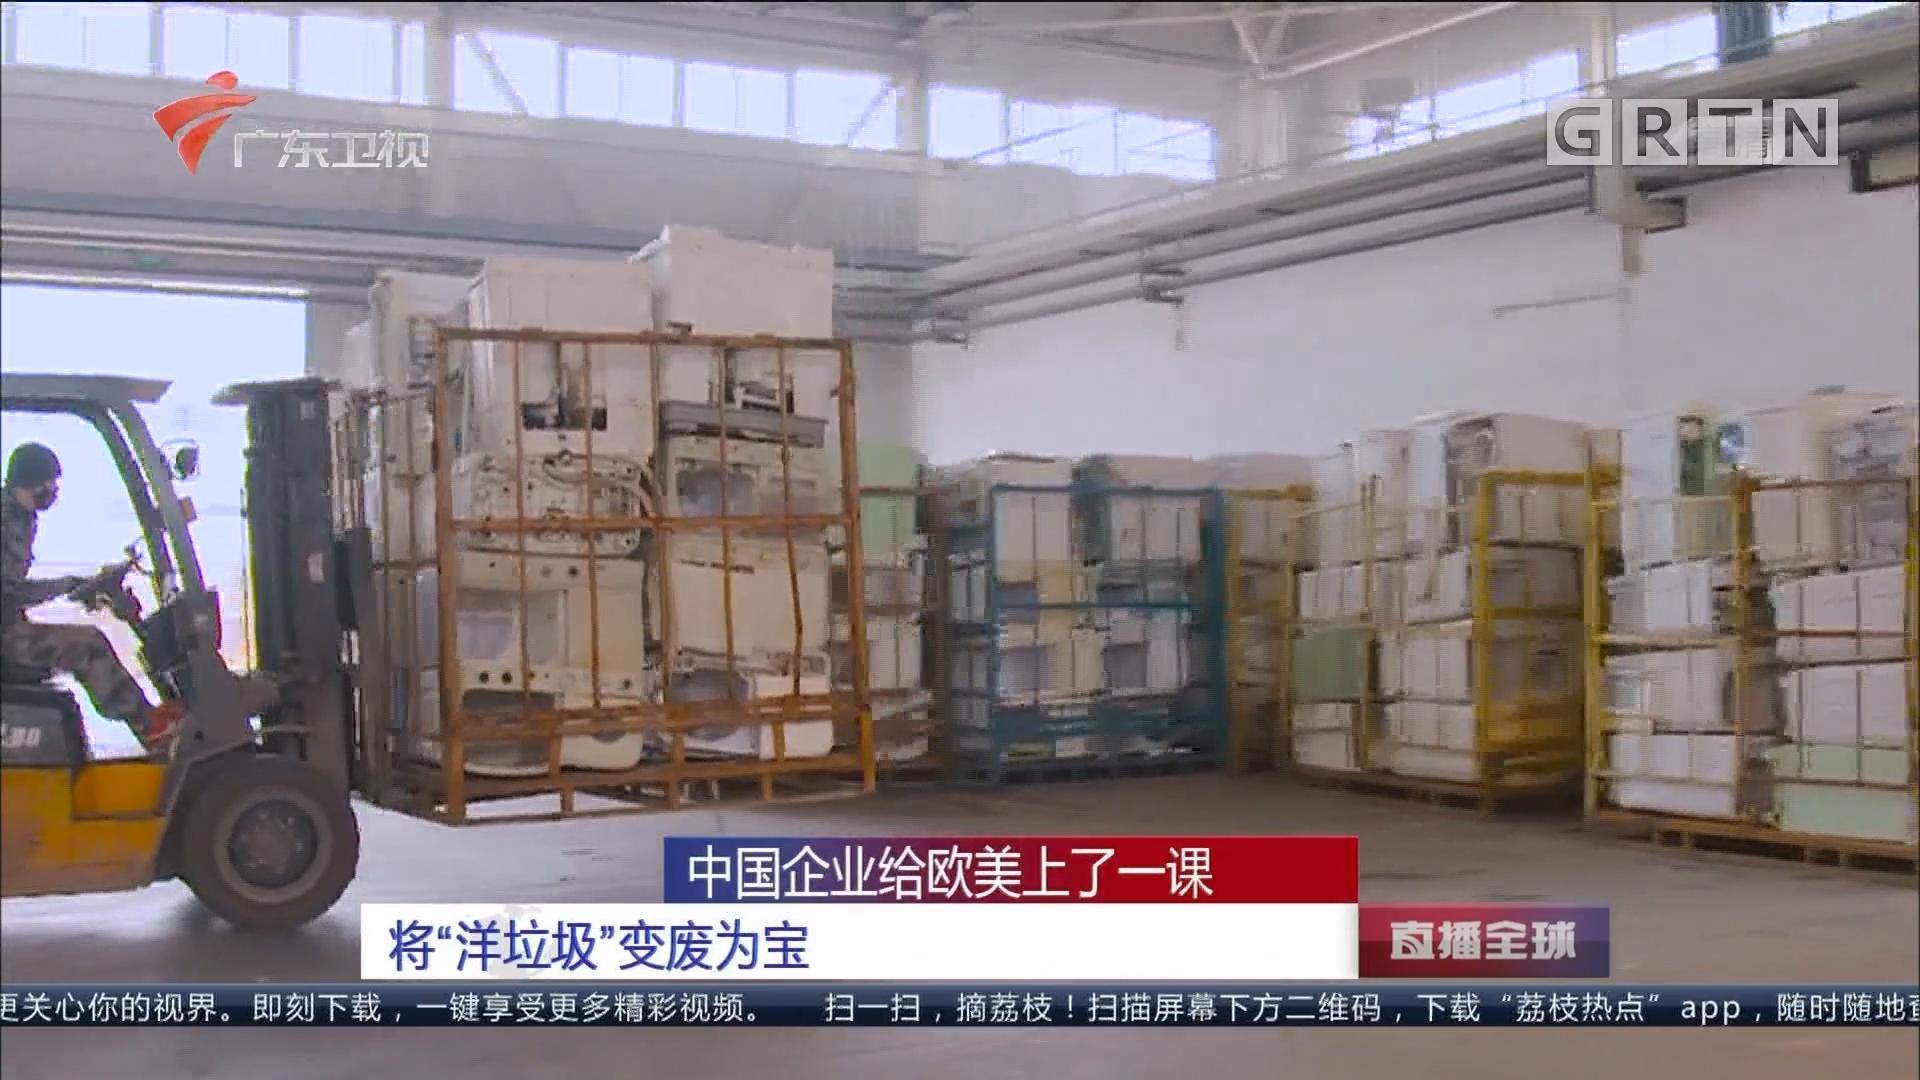 """中国企业给欧美上了一课:将""""洋垃圾""""变废为宝"""